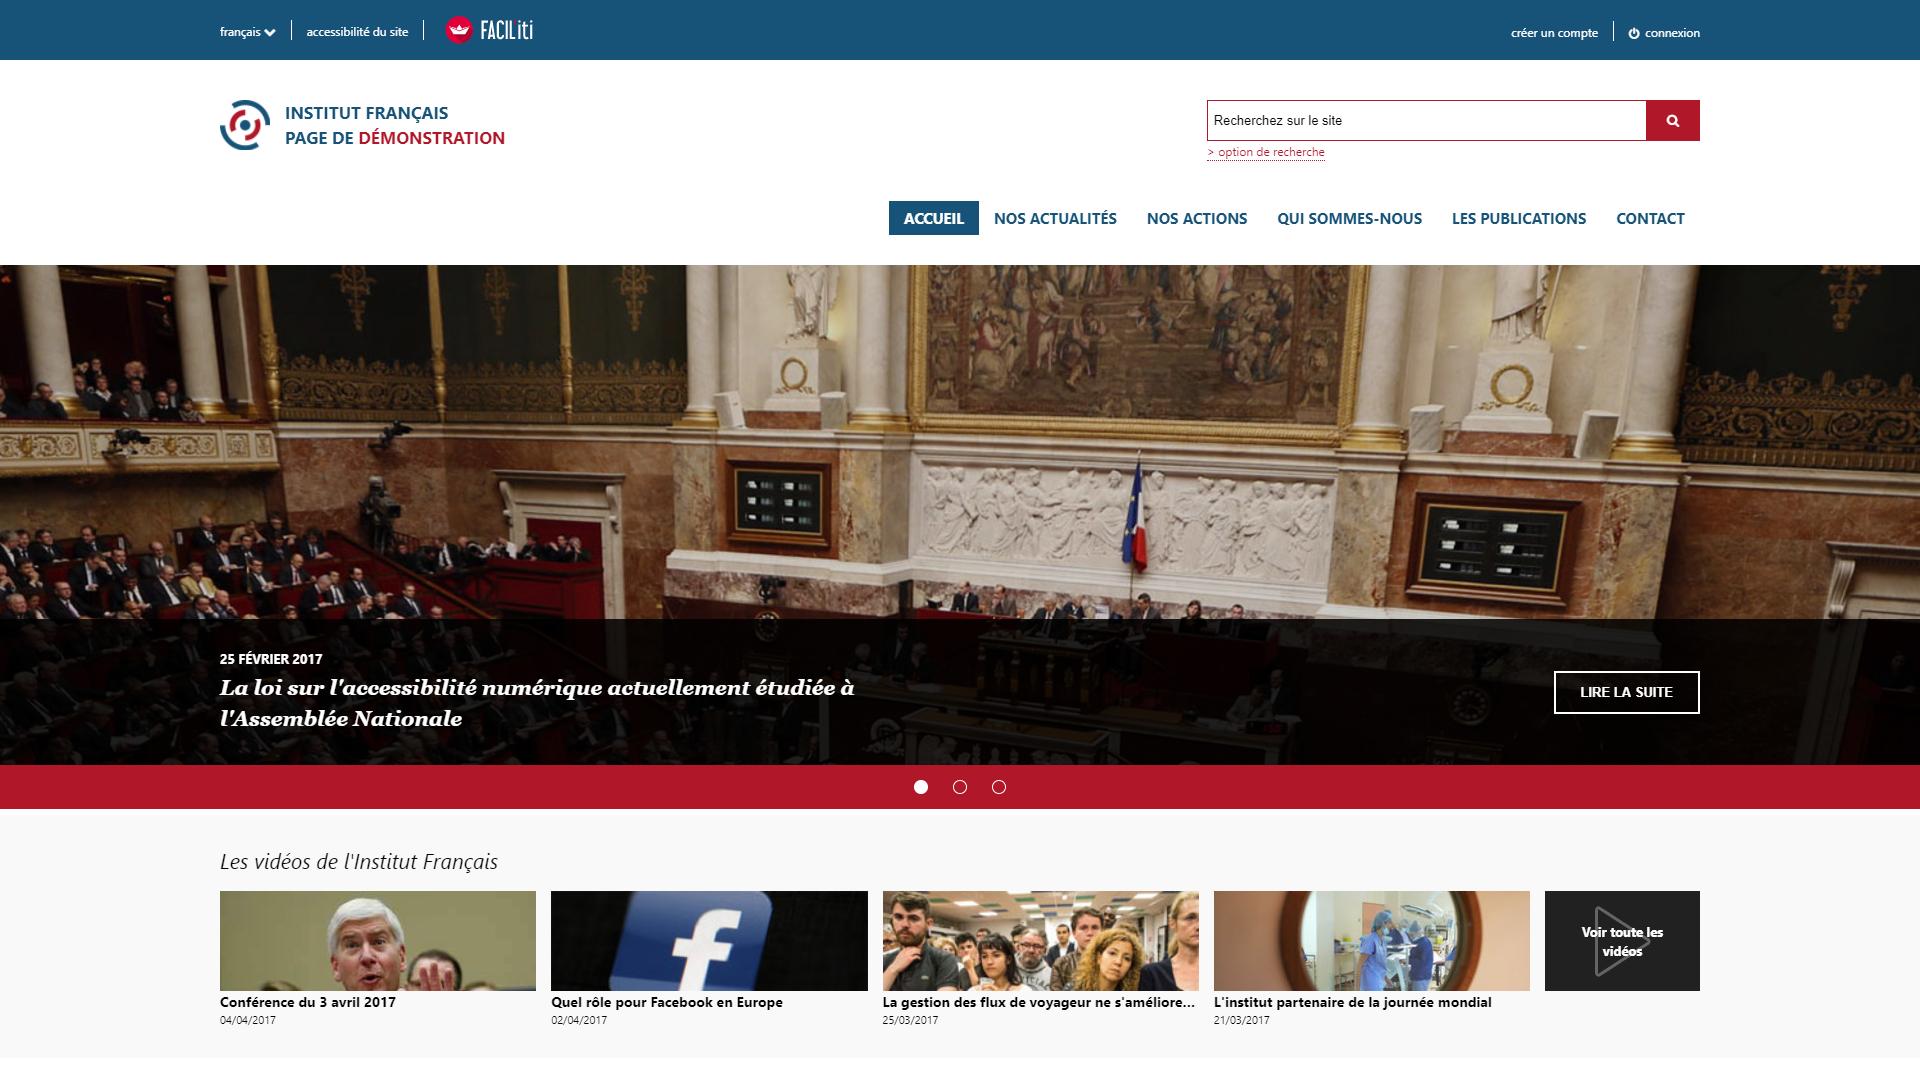 Une page d'accueil d'un site de démonstration avec FACIL'iti activé pour la pathologie Achromatie